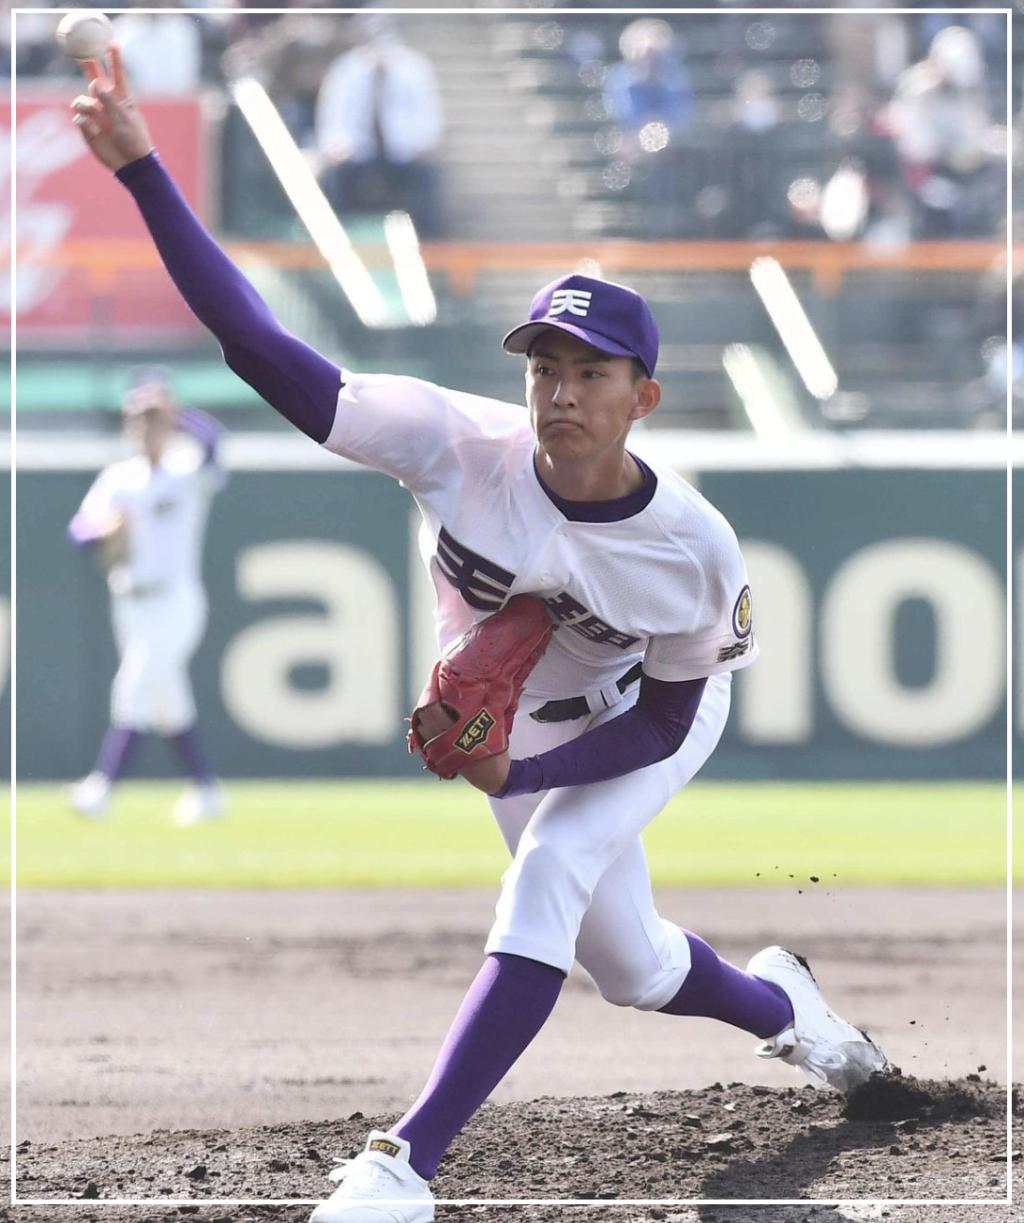 達孝太(天理)の中学は堺市立浜寺南!所属していた軟式野球チームも調査!